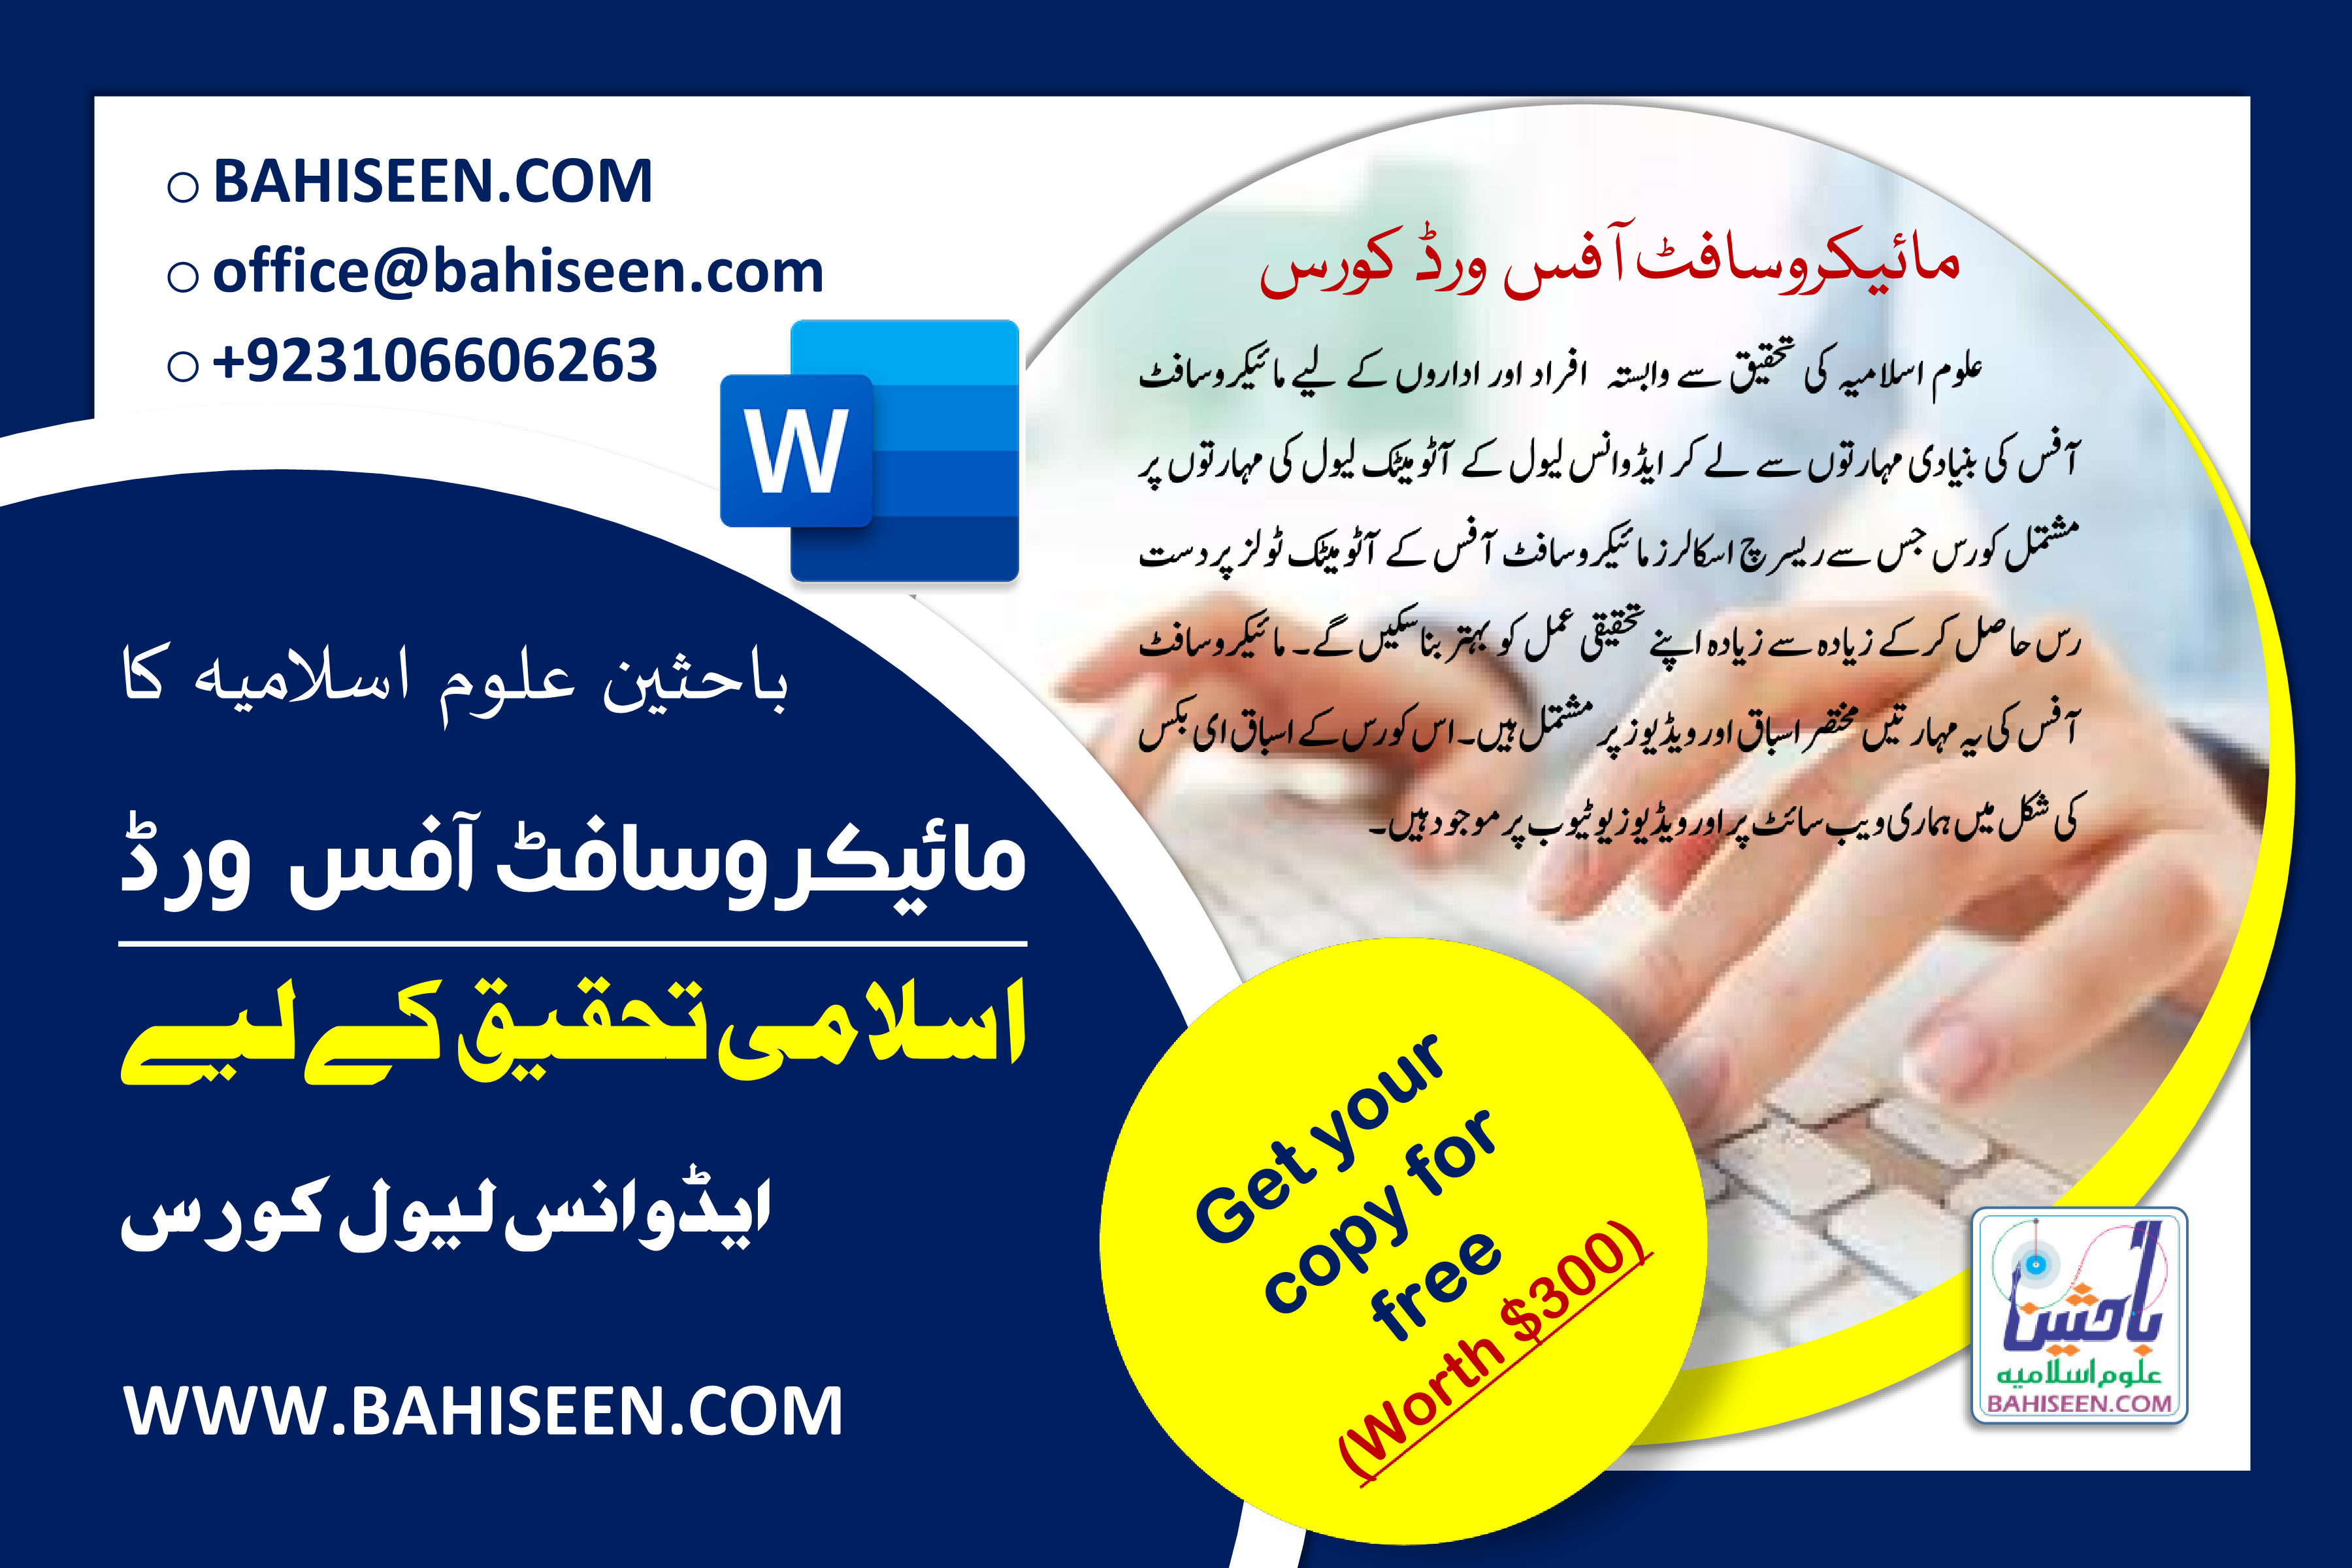 BAHISEEN Ad4